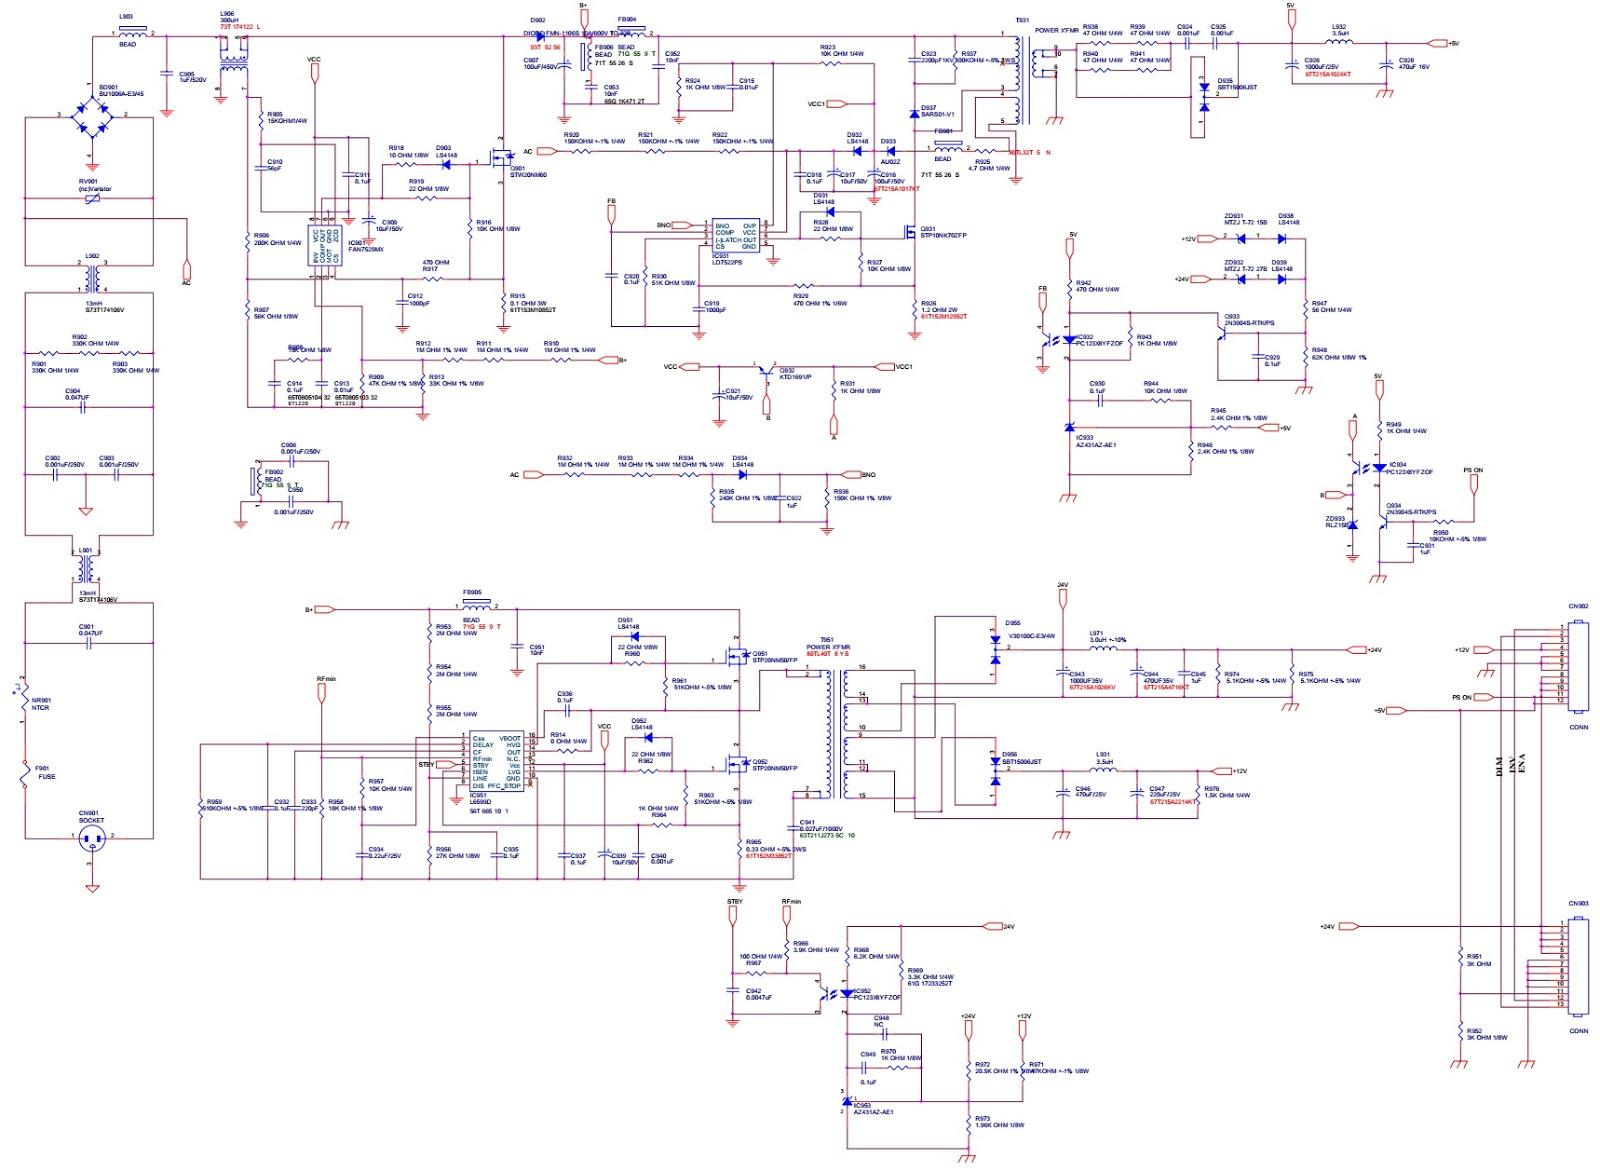 Vizio Lvds Schematics - DIY Enthusiasts Wiring Diagrams •